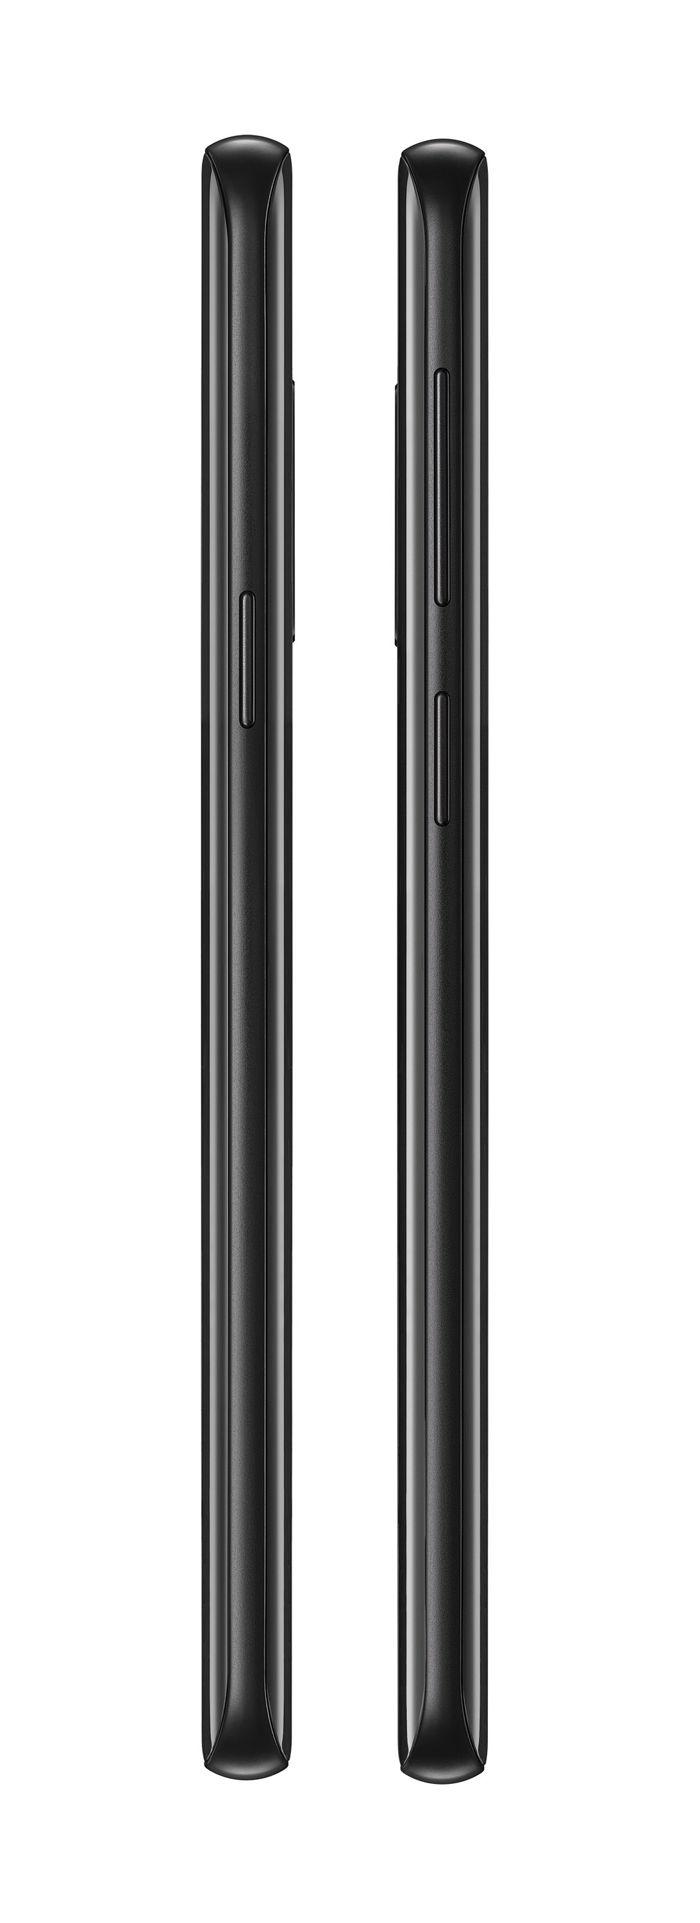 მობილური ტელეფონი SAMSUNG GALAXY S9 DUOS (G960F) 64GB BLACK